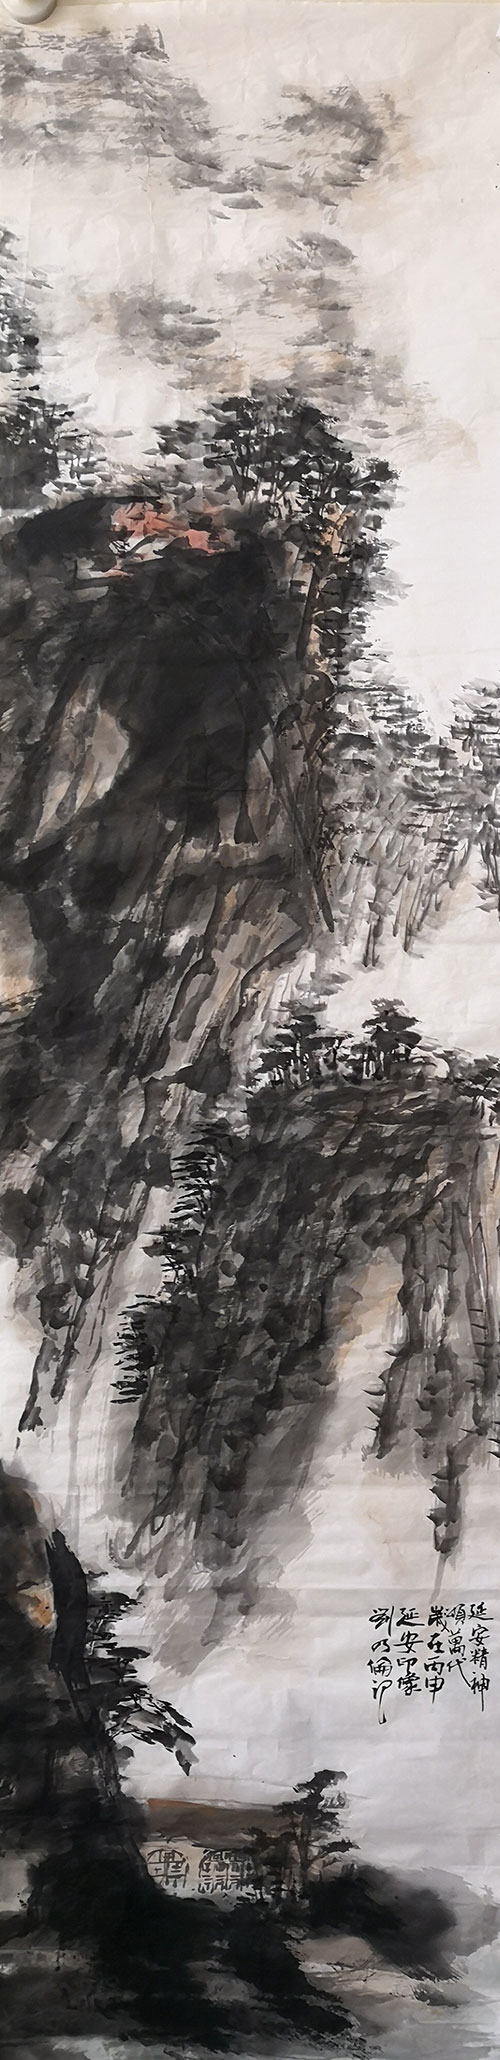 刘乃伦作品之一 (19)